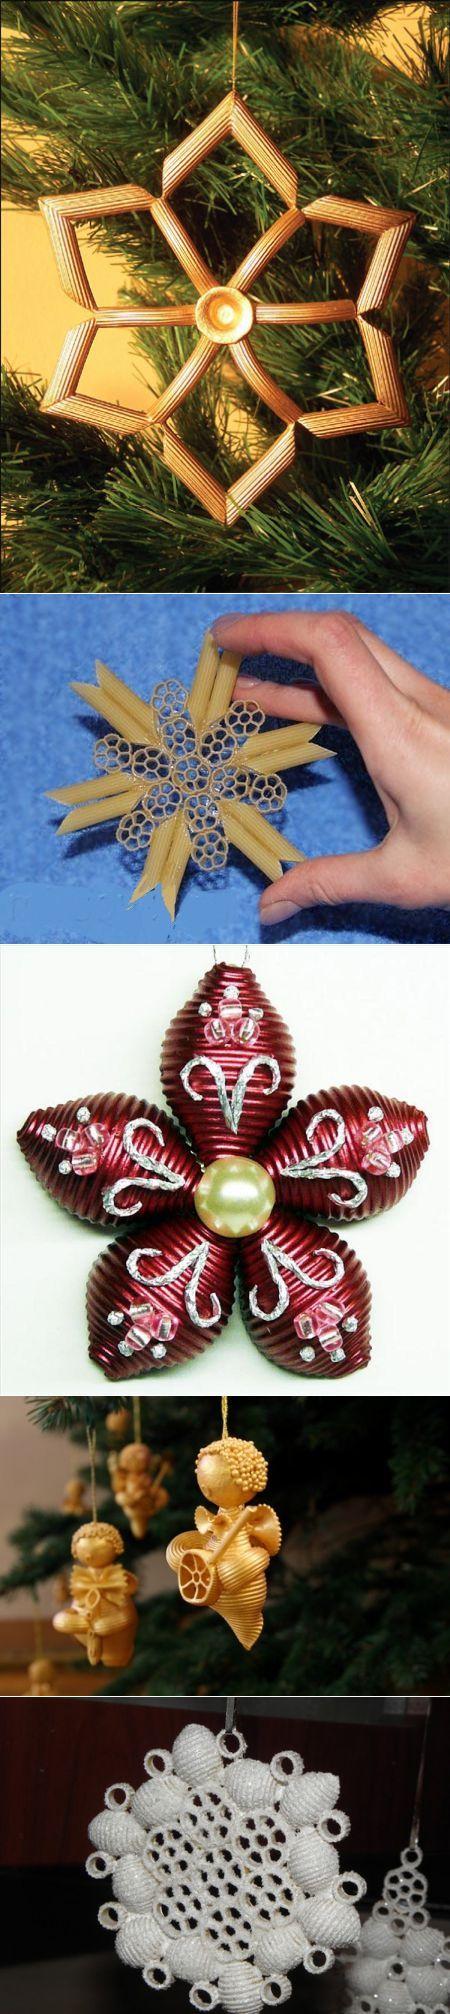 Новогодние поделки из макарон / Новый год / новогодние подарки,поделки и костюмы